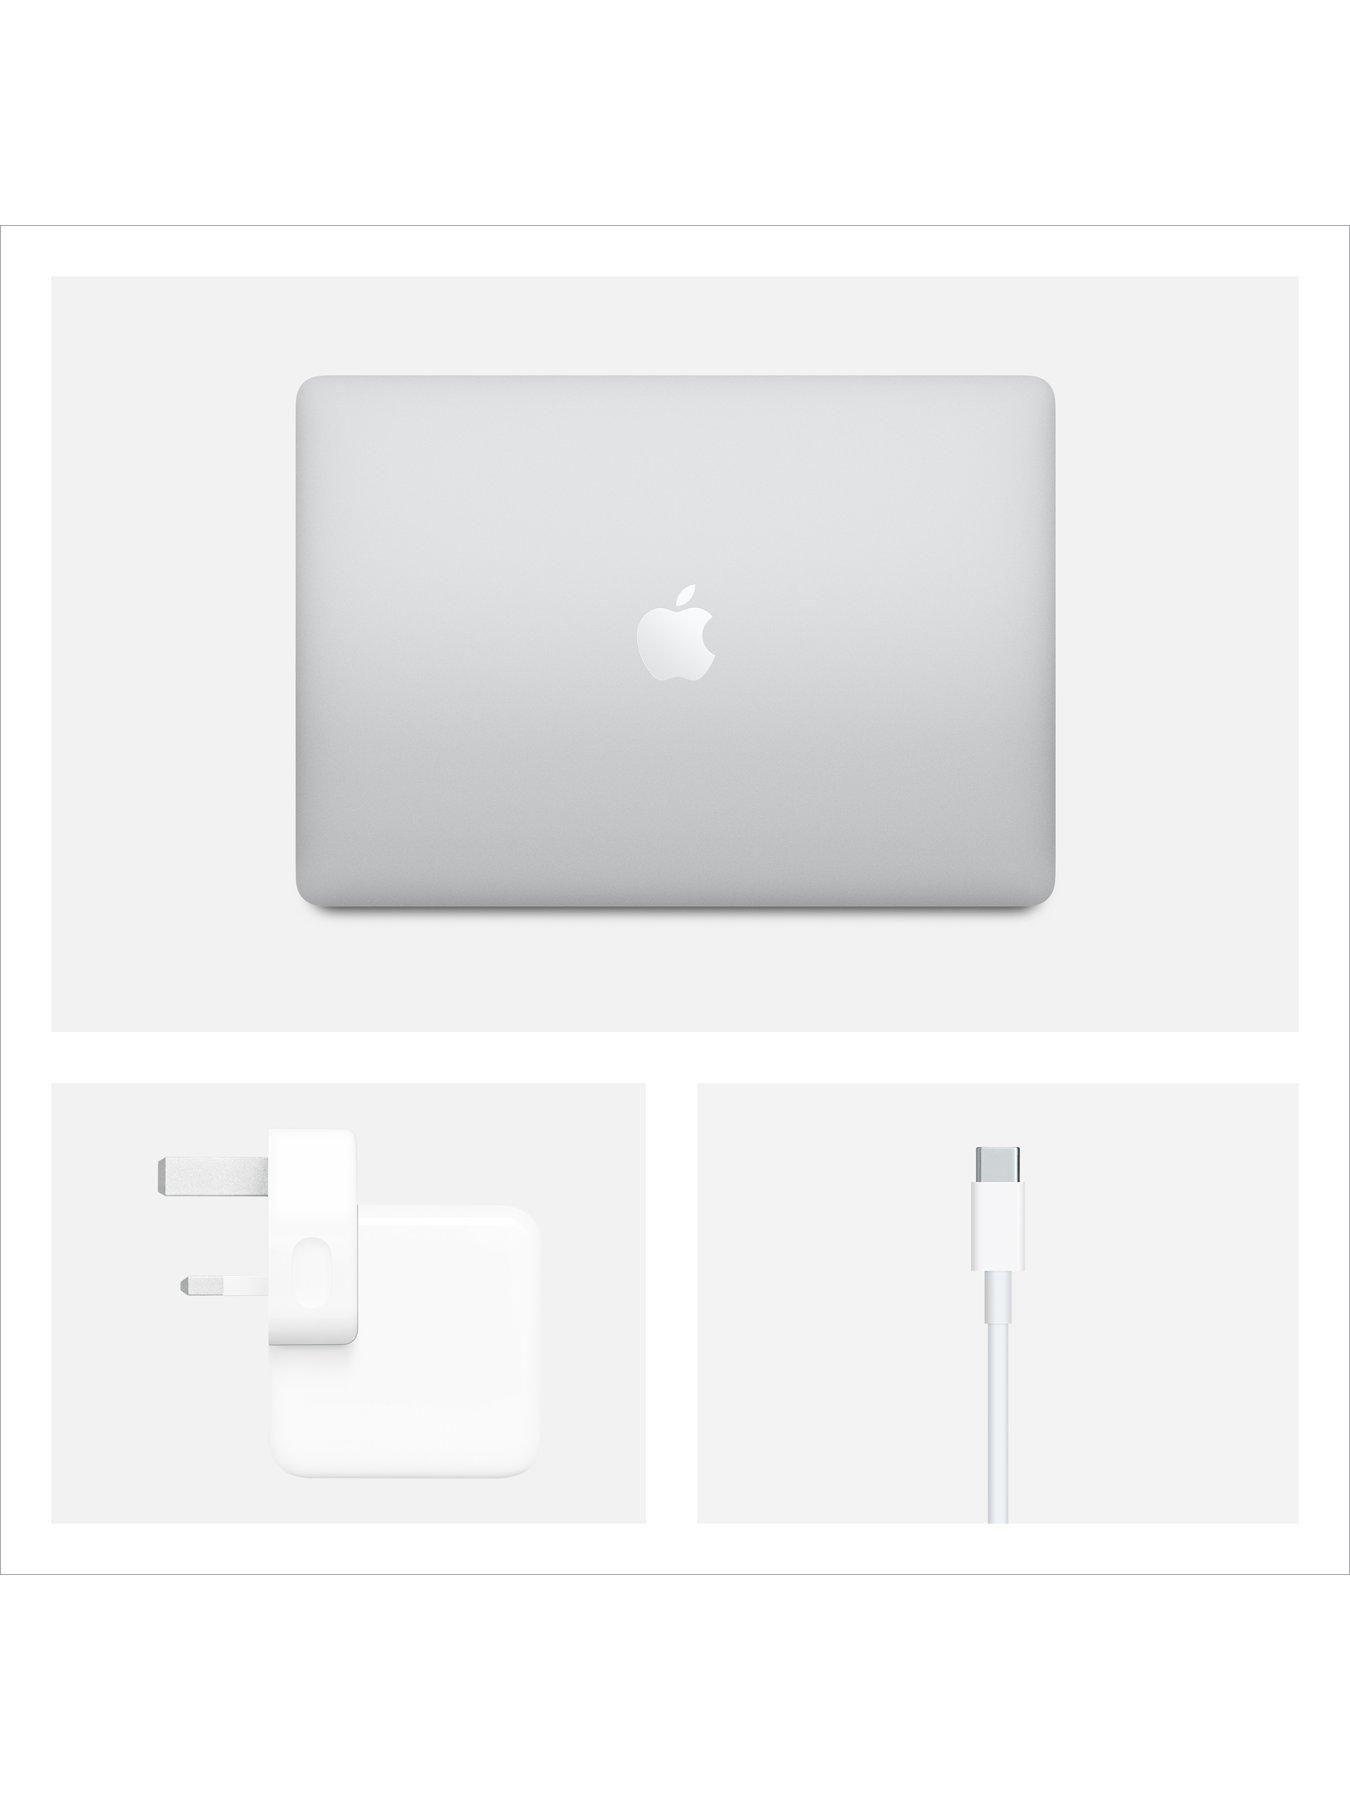 Apple P Macbook Air 2020 13 Inch 1 1ghz Quad Core 10th Gen Intel Core I5 Processor 512gb Ssd In 2020 Macbook Macbook Air Macbook Case Stickers